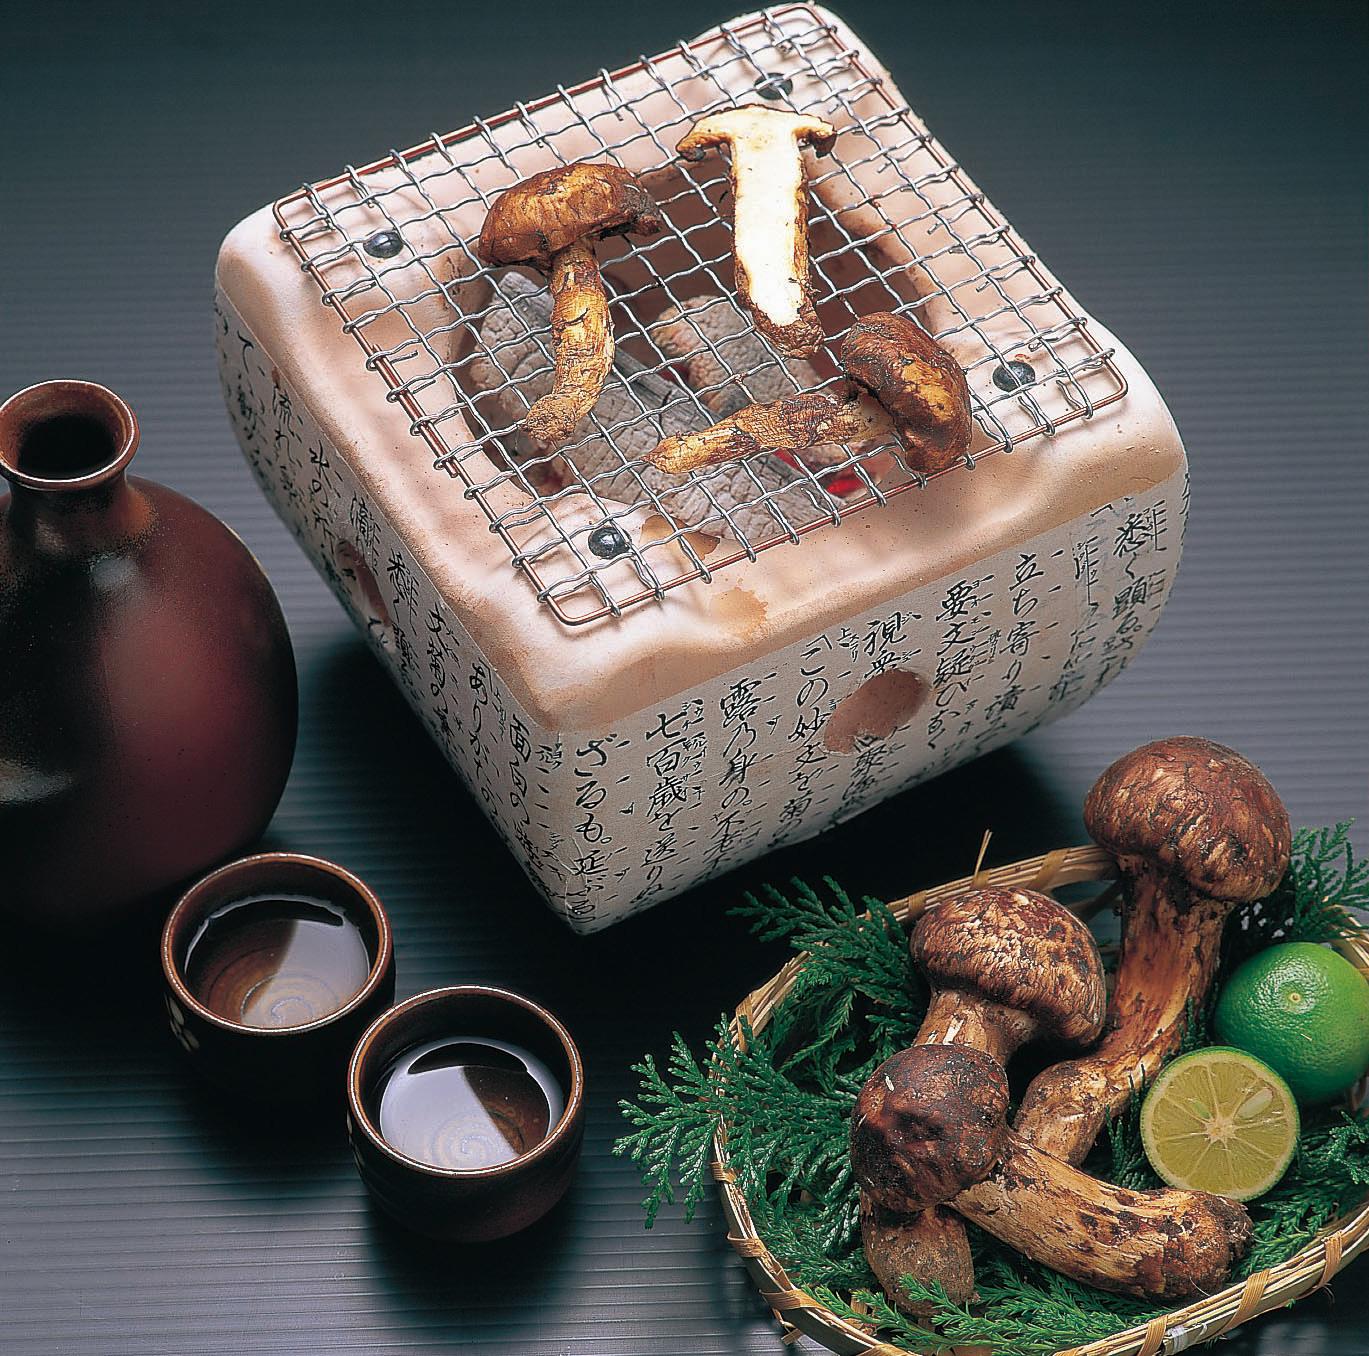 残りわずか!【和歌山県産】希少な「松茸」約200g【数量限定・専用箱入】